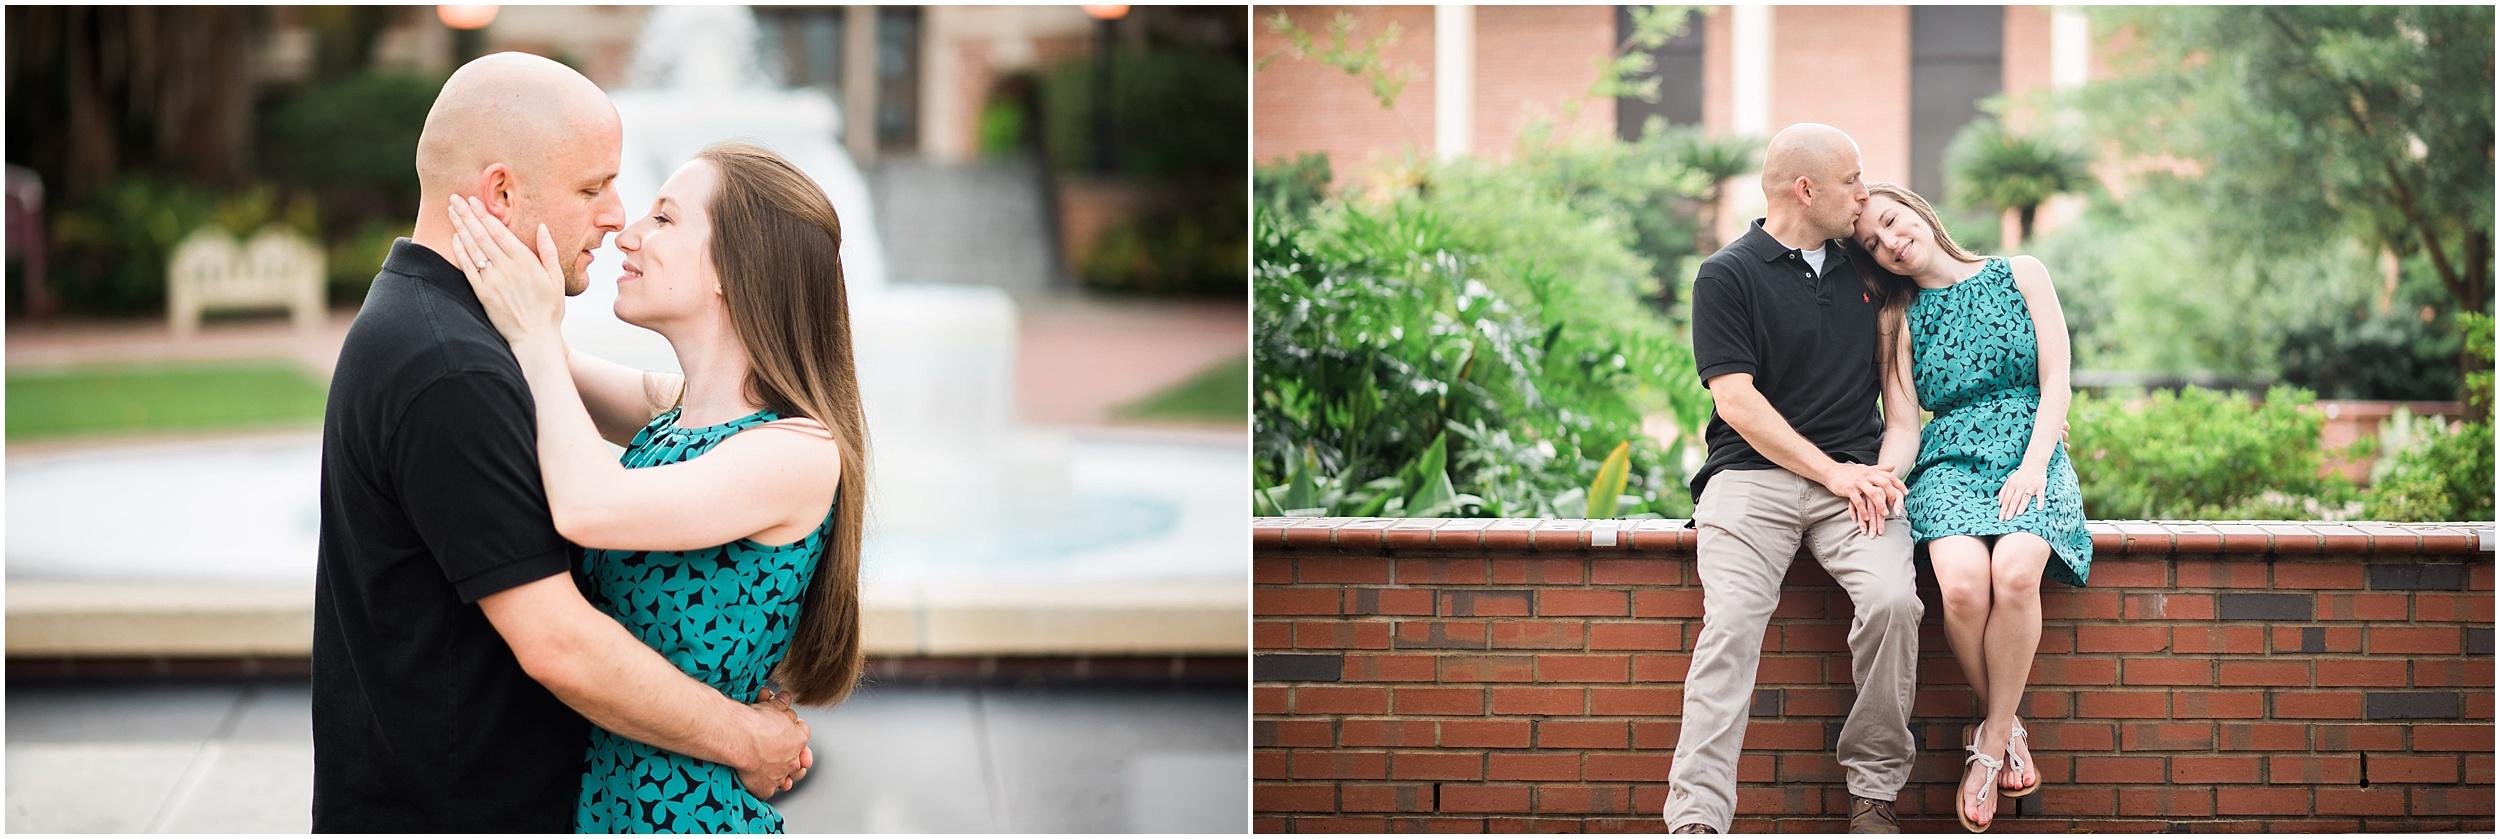 Karen & David Engagement, Florida State University_0008.jpg